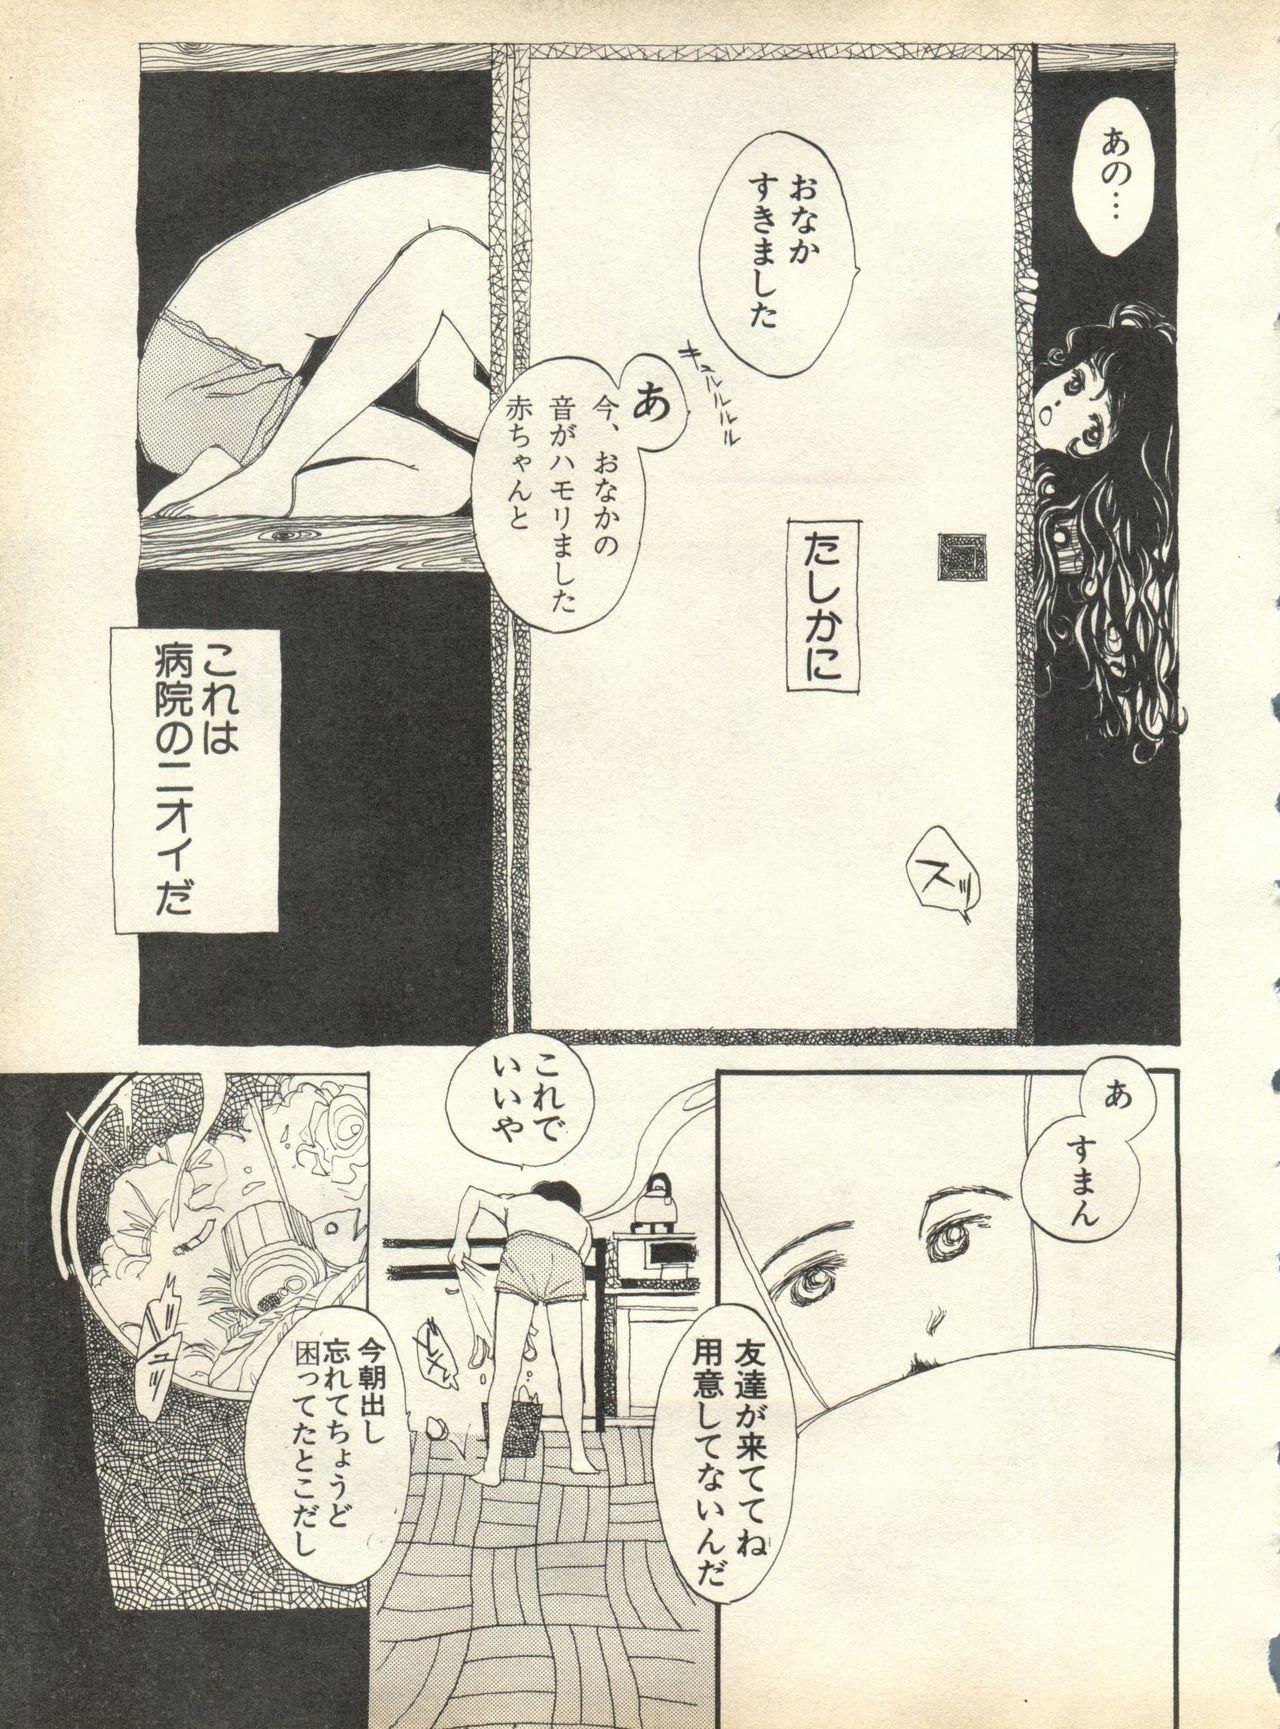 Pai;kuu 1998 October Vol. 13 252